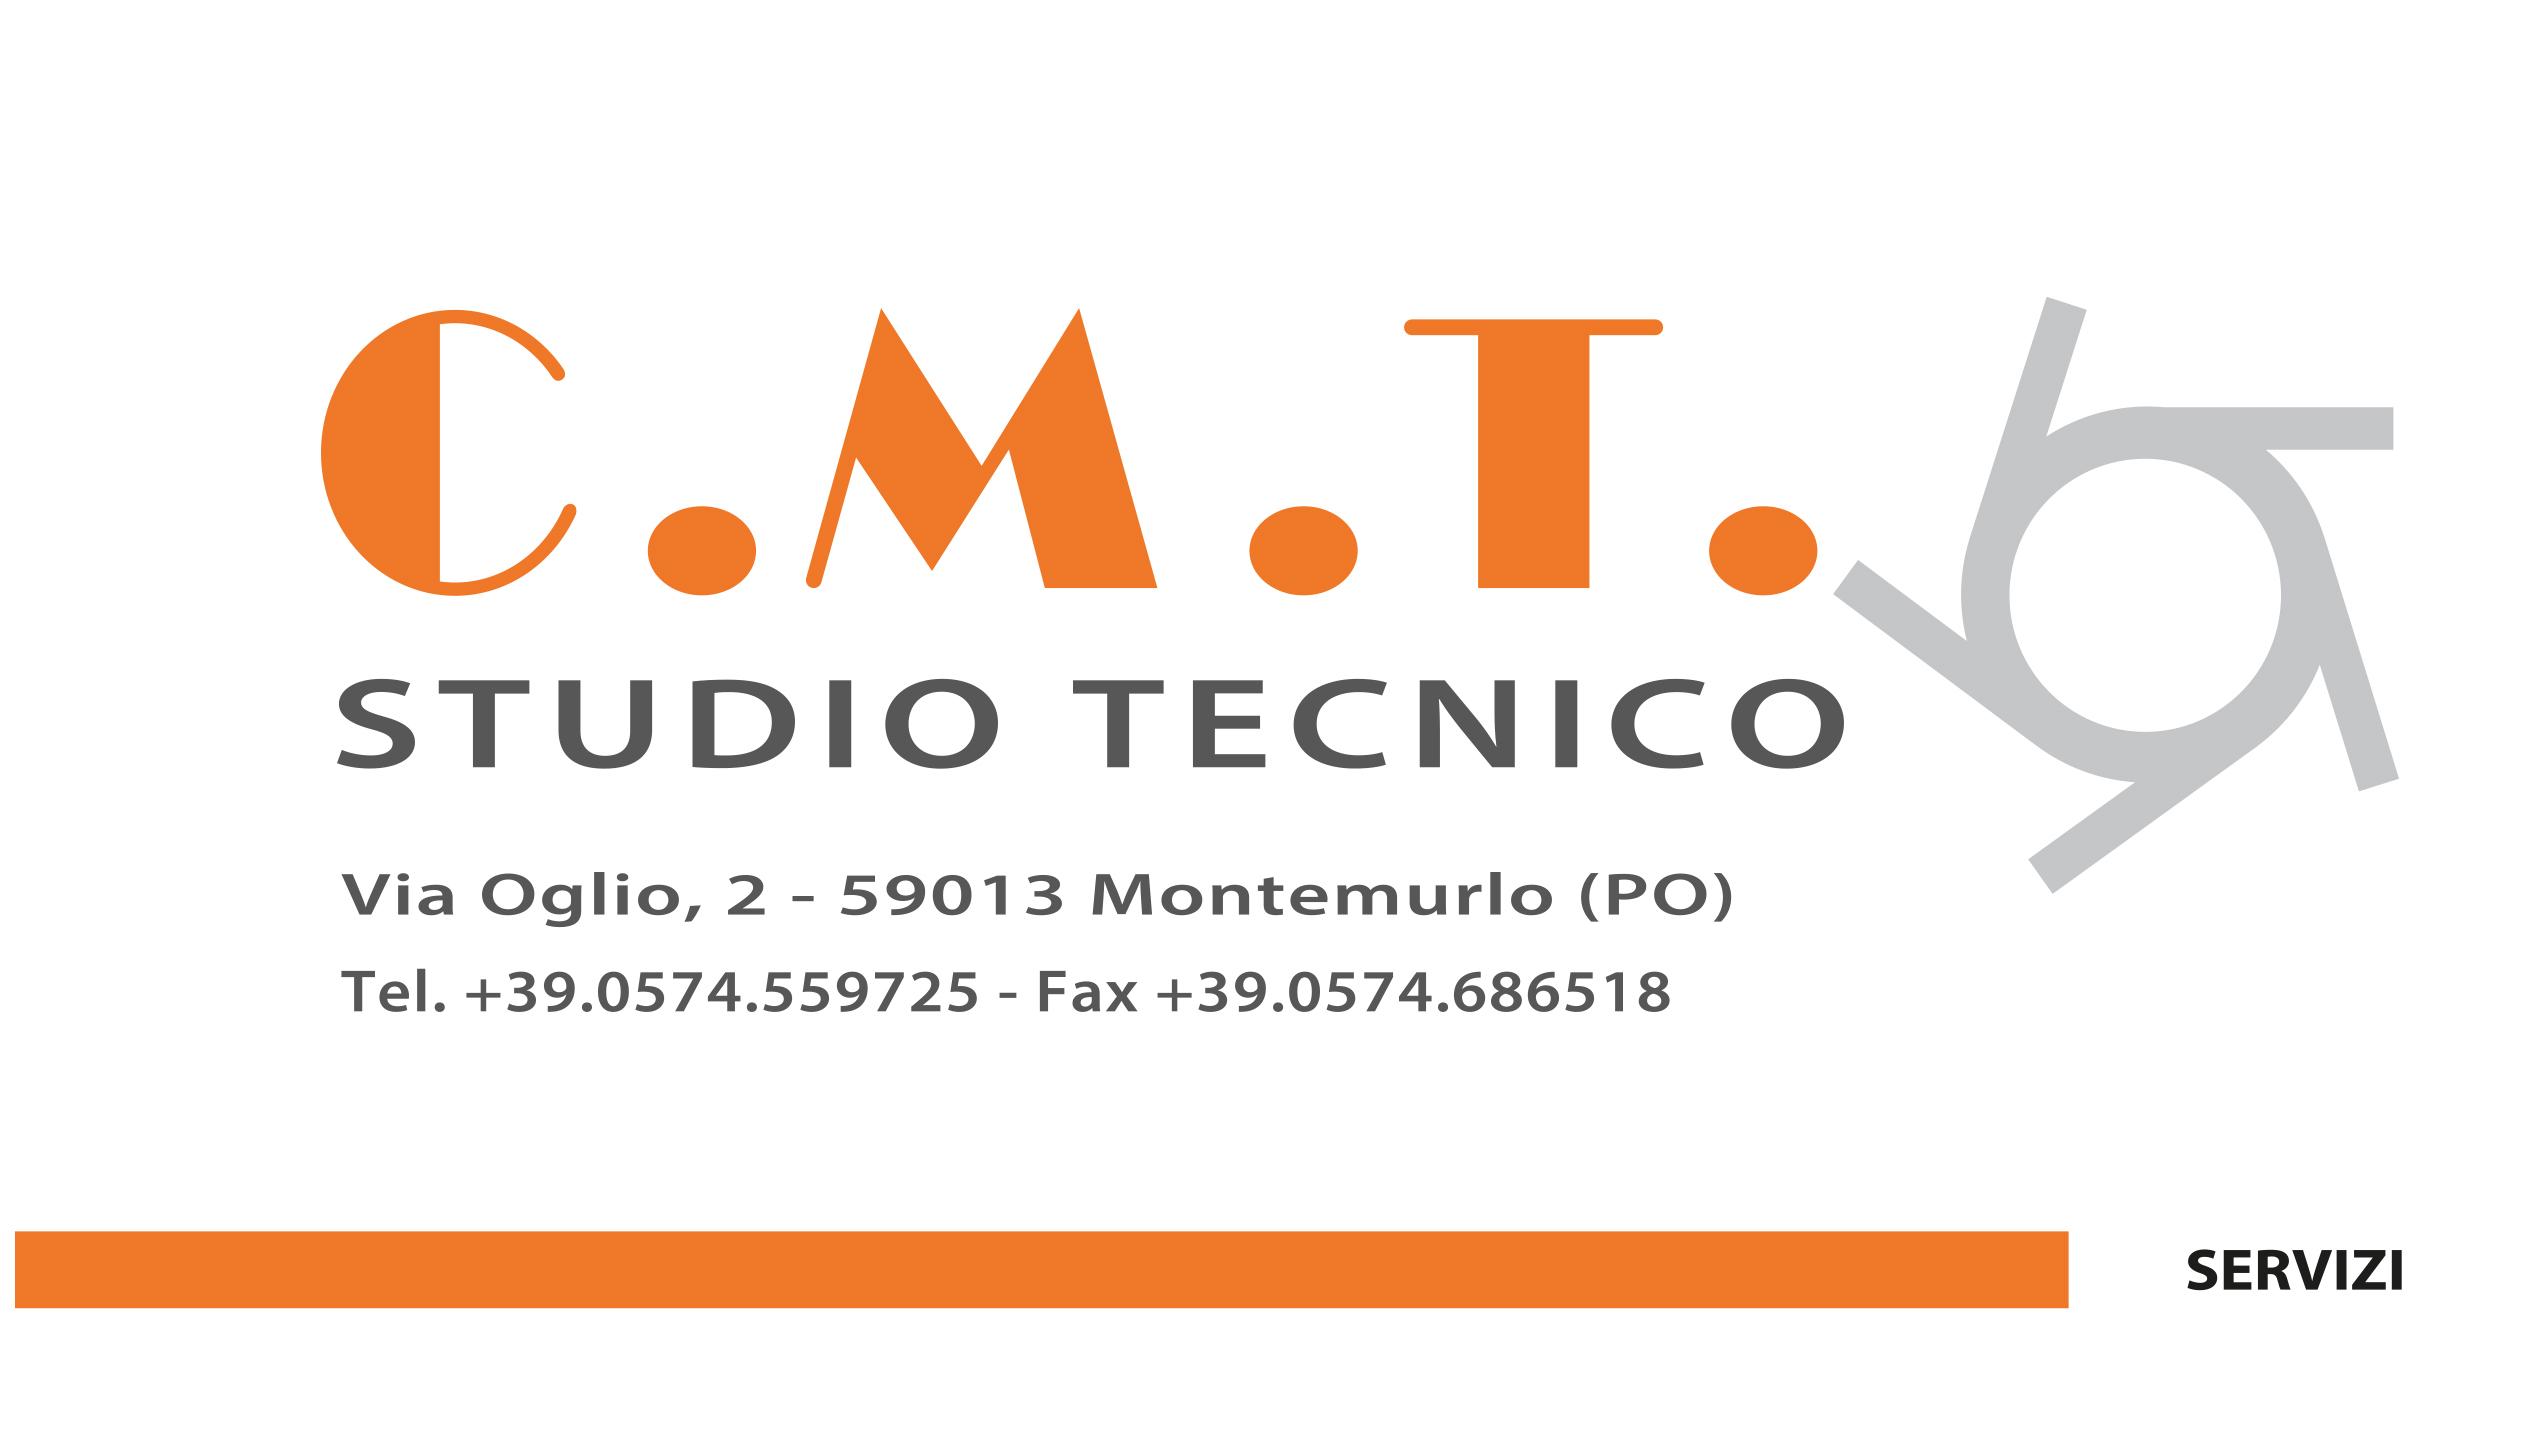 C.M.T.